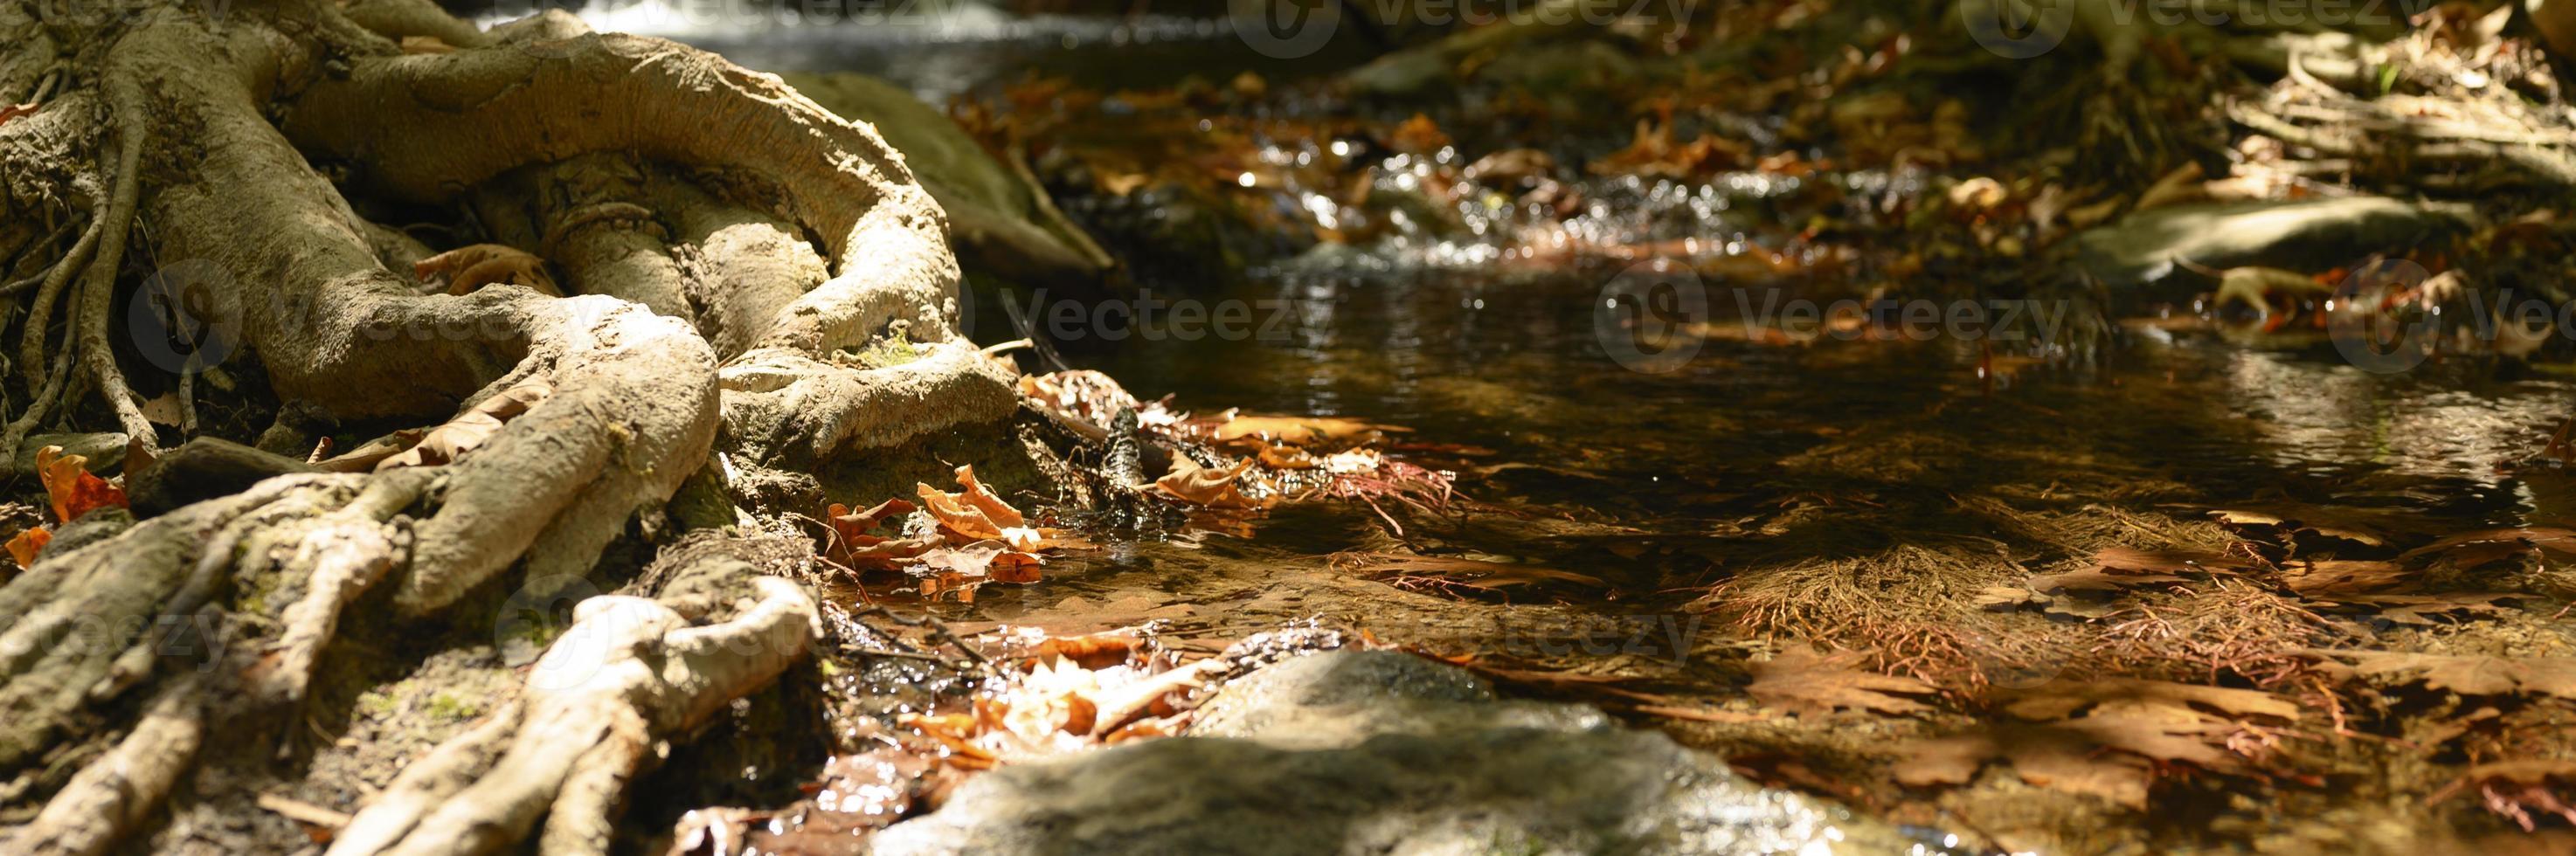 un ruisseau qui traverse les racines nues des arbres dans une falaise rocheuse et les feuilles d'automne tombées photo